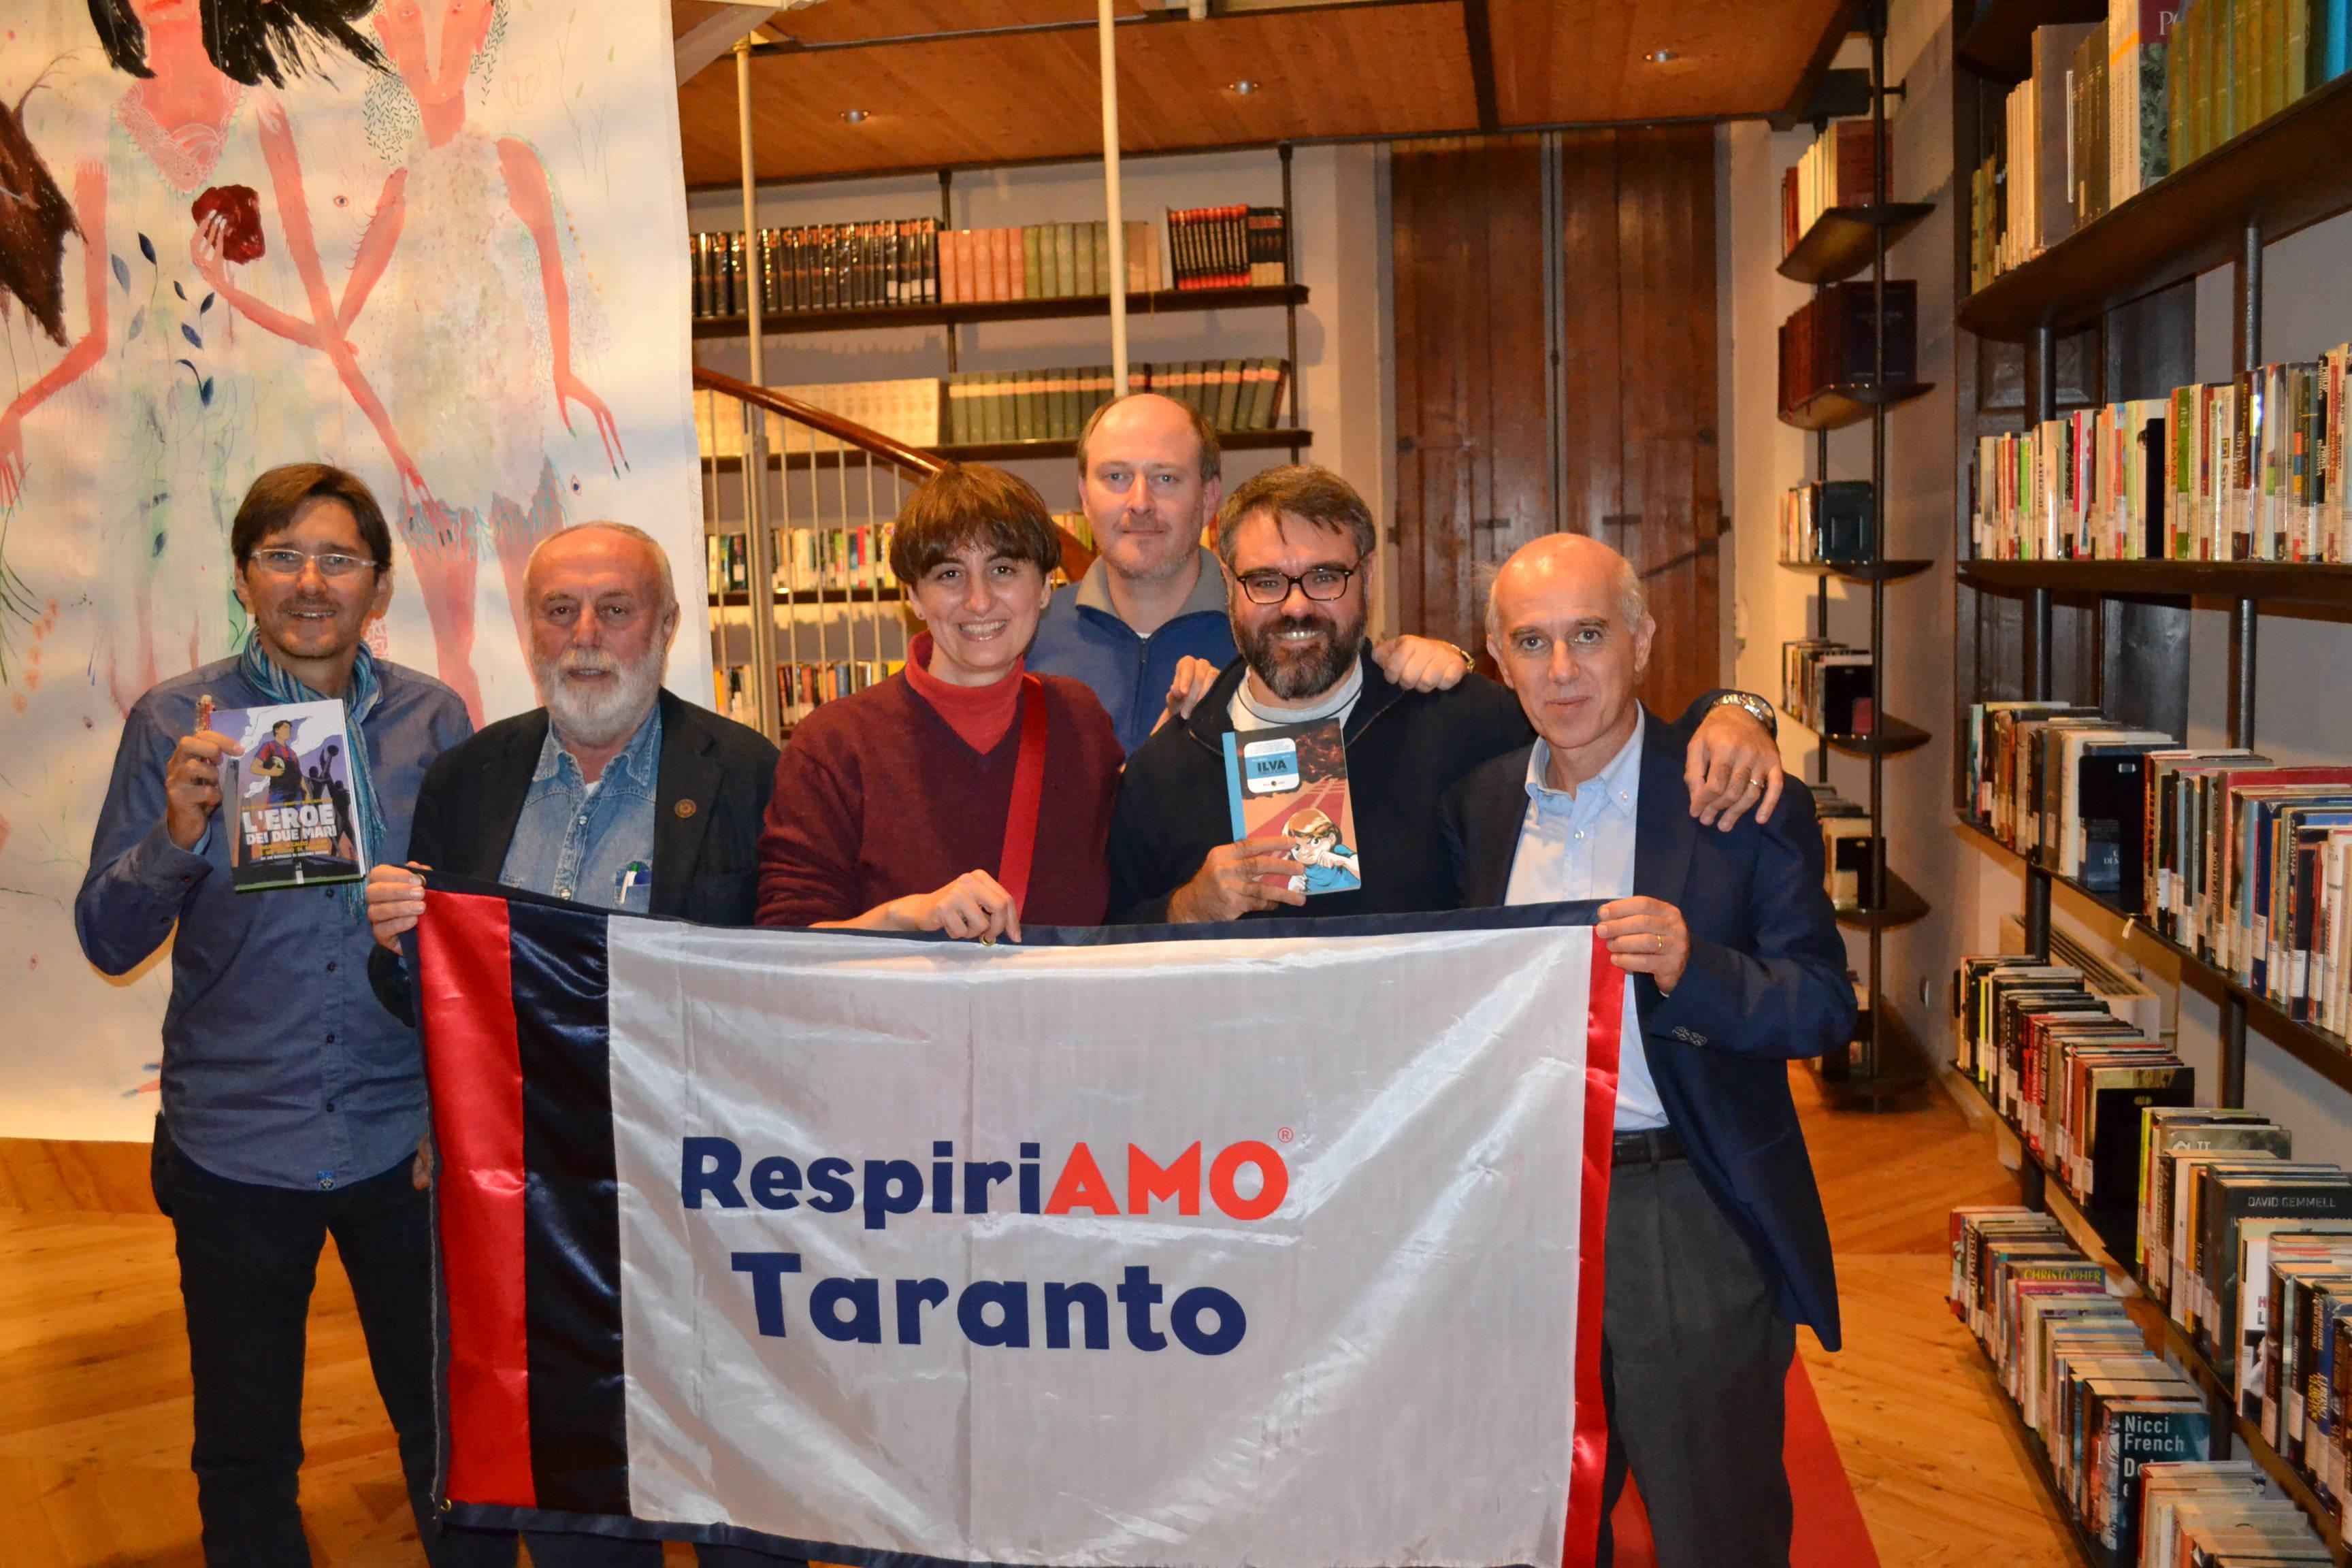 PeaceLink - Alessandro Marescotti e Laura Tussi intervistano Virginio Bettini